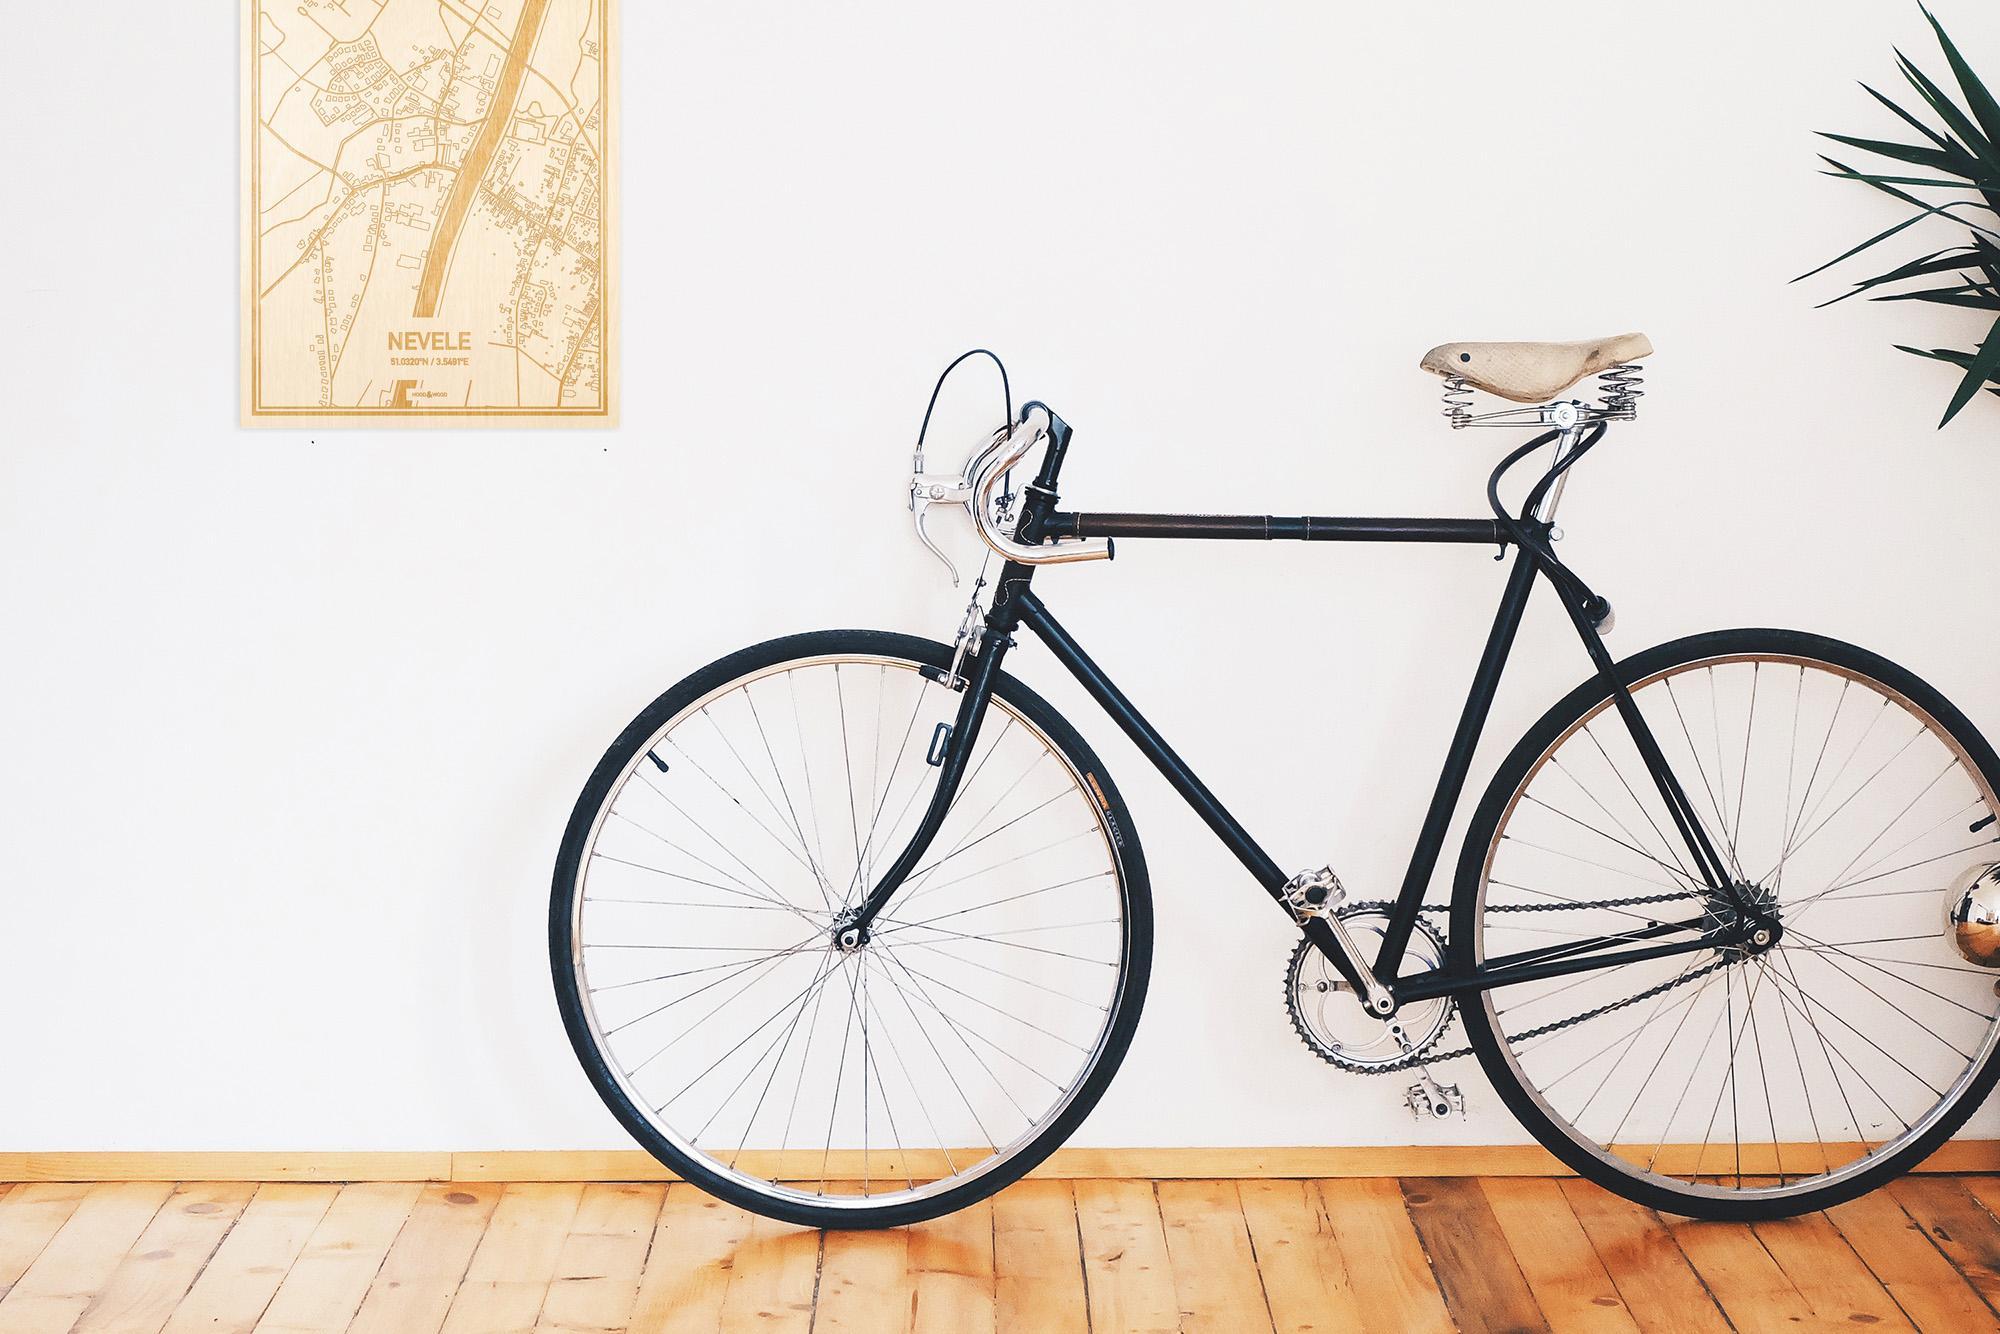 Een snelle fiets in een uniek interieur in Oost-Vlaanderen  met mooie decoratie zoals de plattegrond Nevele.